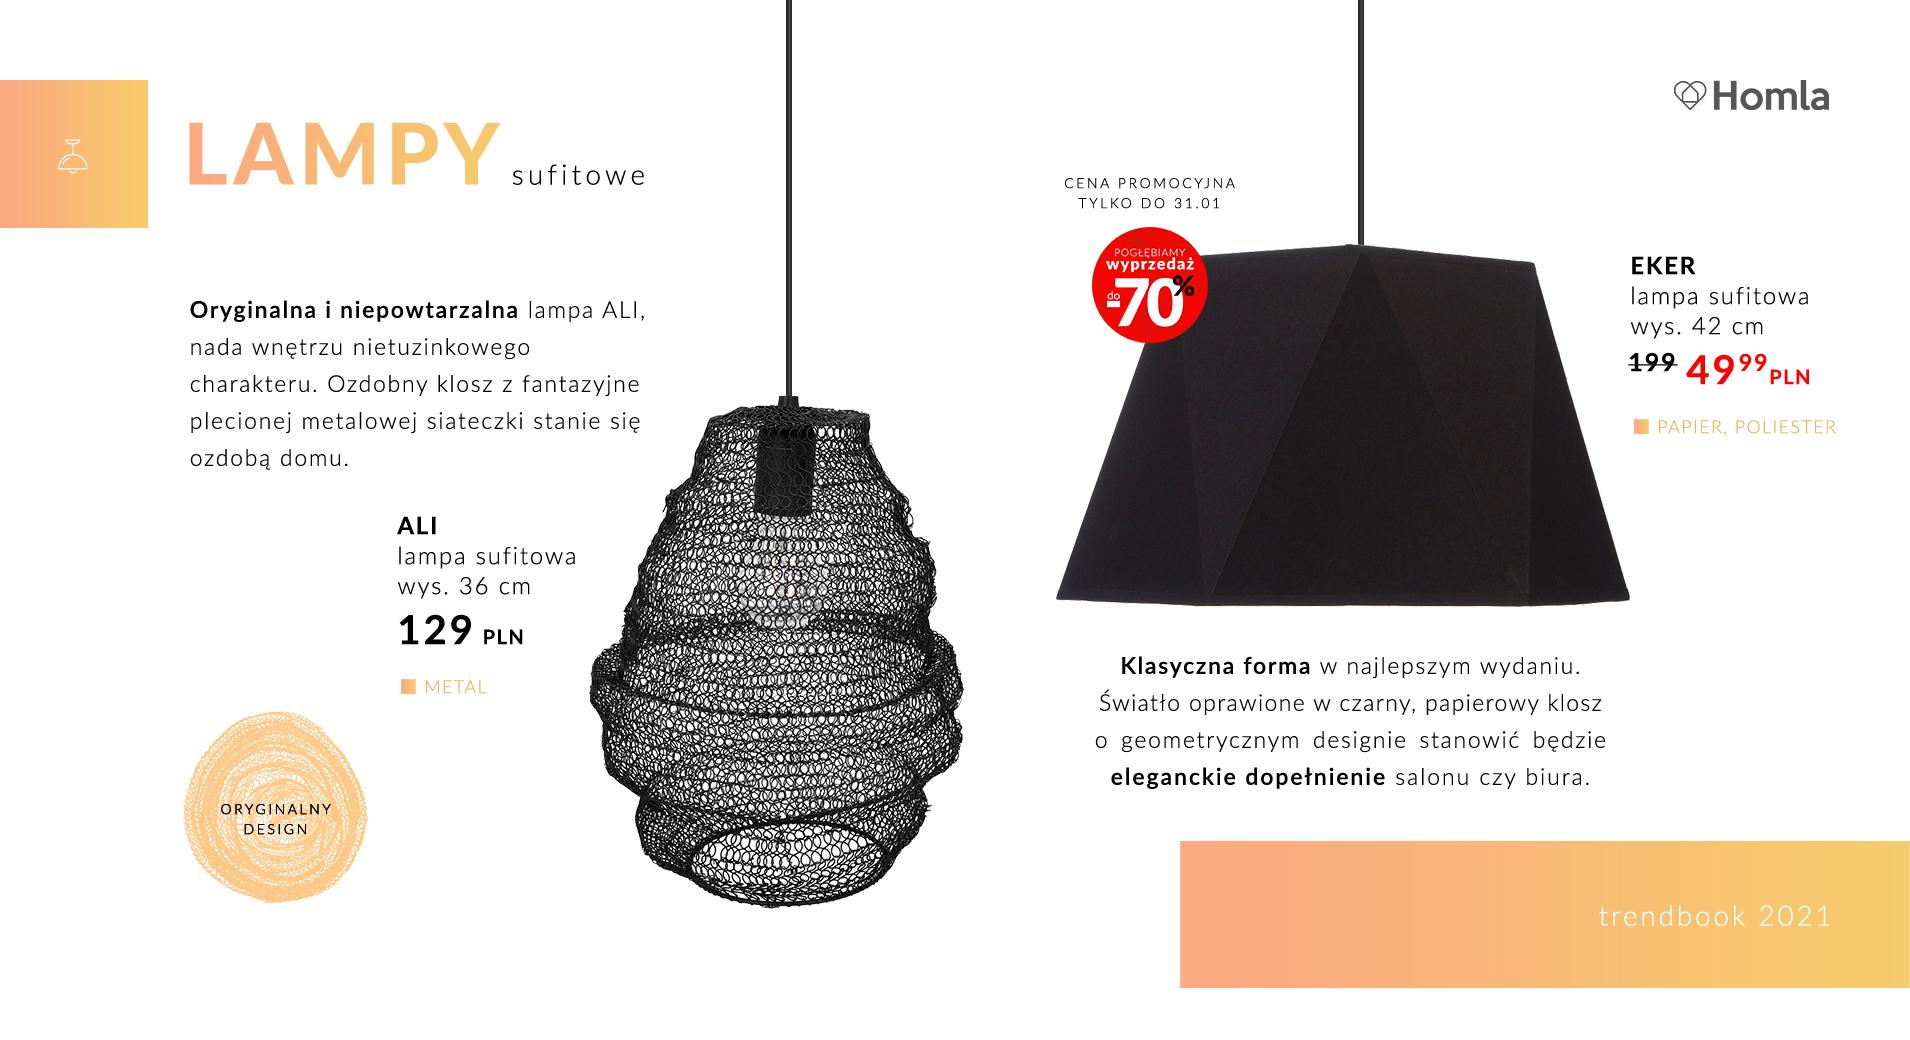 Trendbook Lampy do każdego wnętrza 9